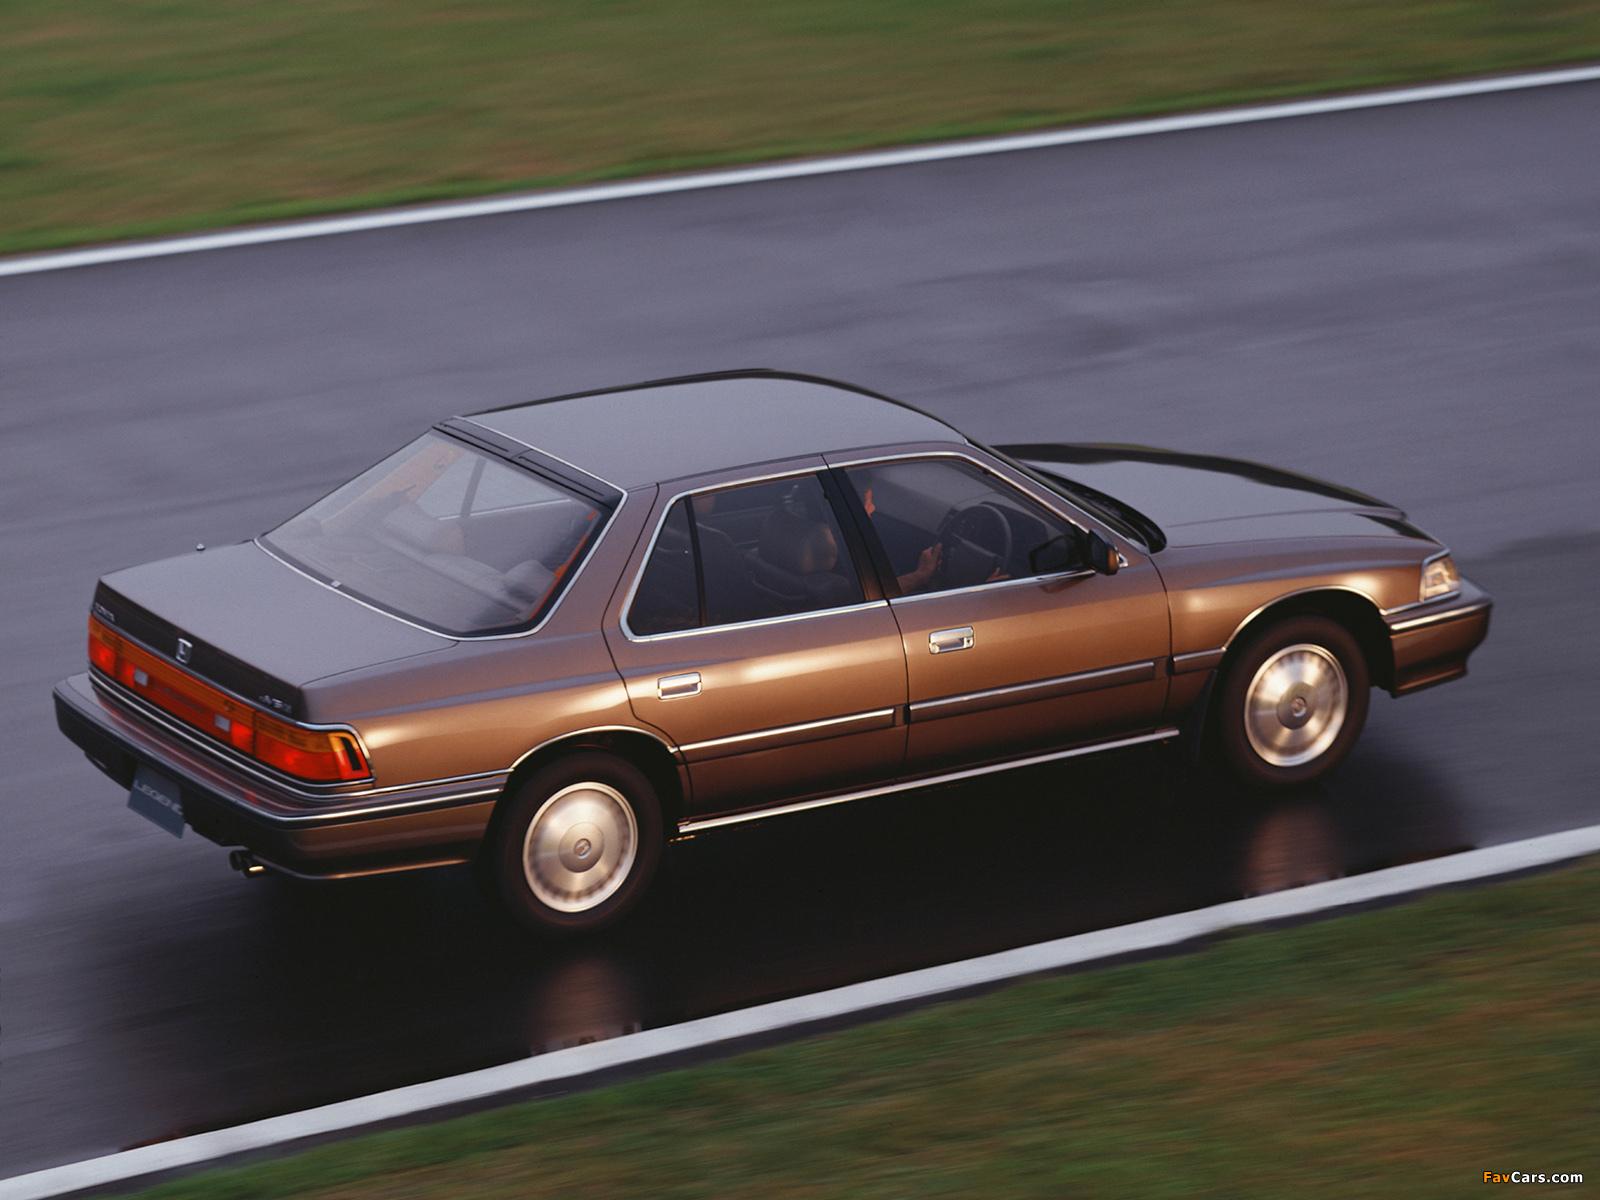 Honda Legend V6 Xi 1985-90 pictures (1600x1200)